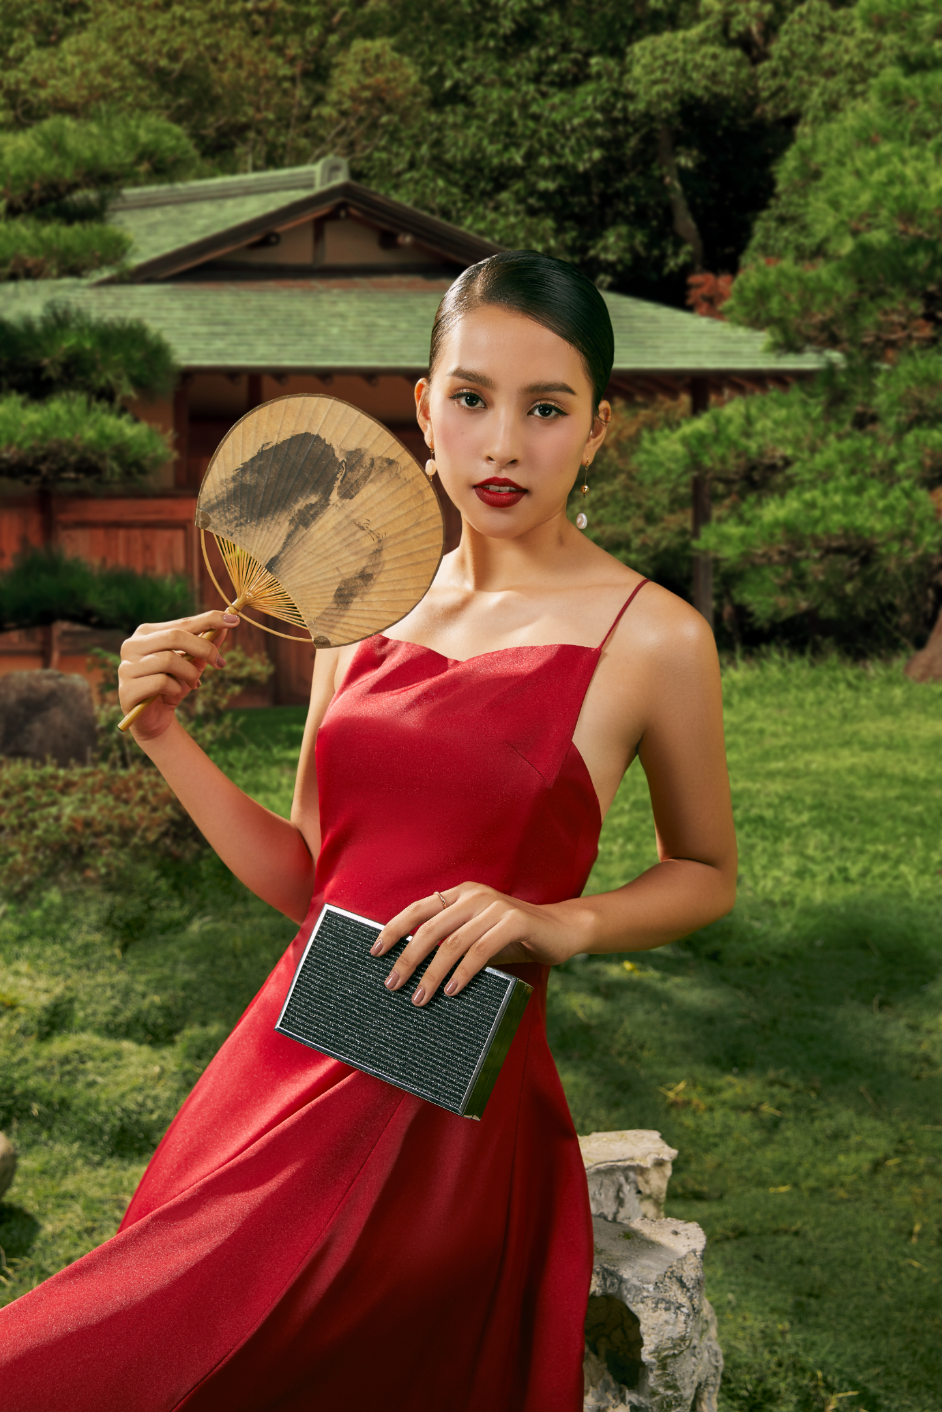 Tiểu Vy bất ngờ xuất hiện trong bộ ảnh truyền thống nhưng không kém phần ma mị đậm nét Á châu - Ảnh 4.